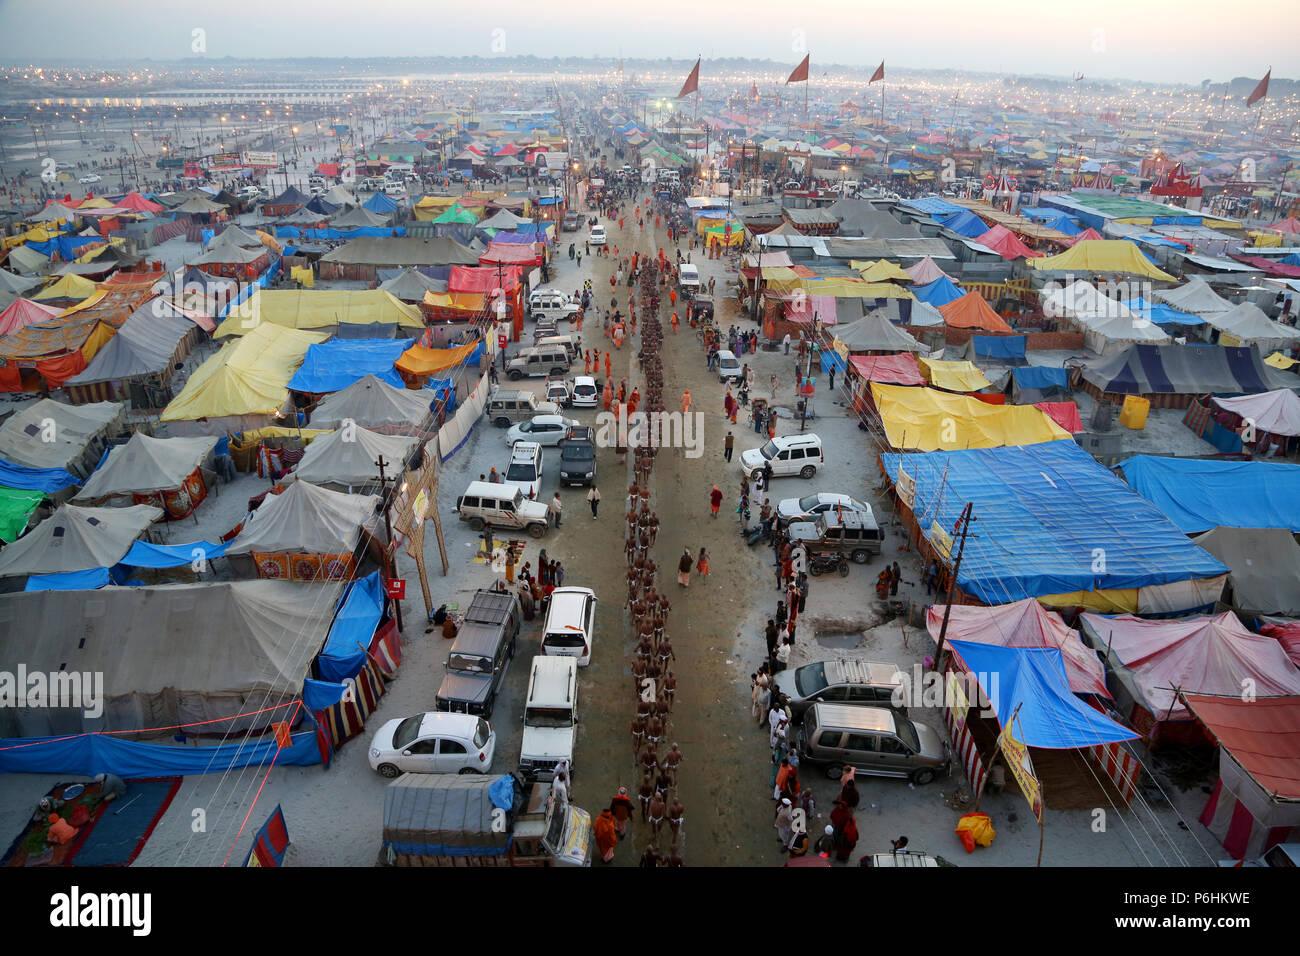 Tents / landscape during Maha Kumbh mela 2013 in Allahabad , India Stock Photo